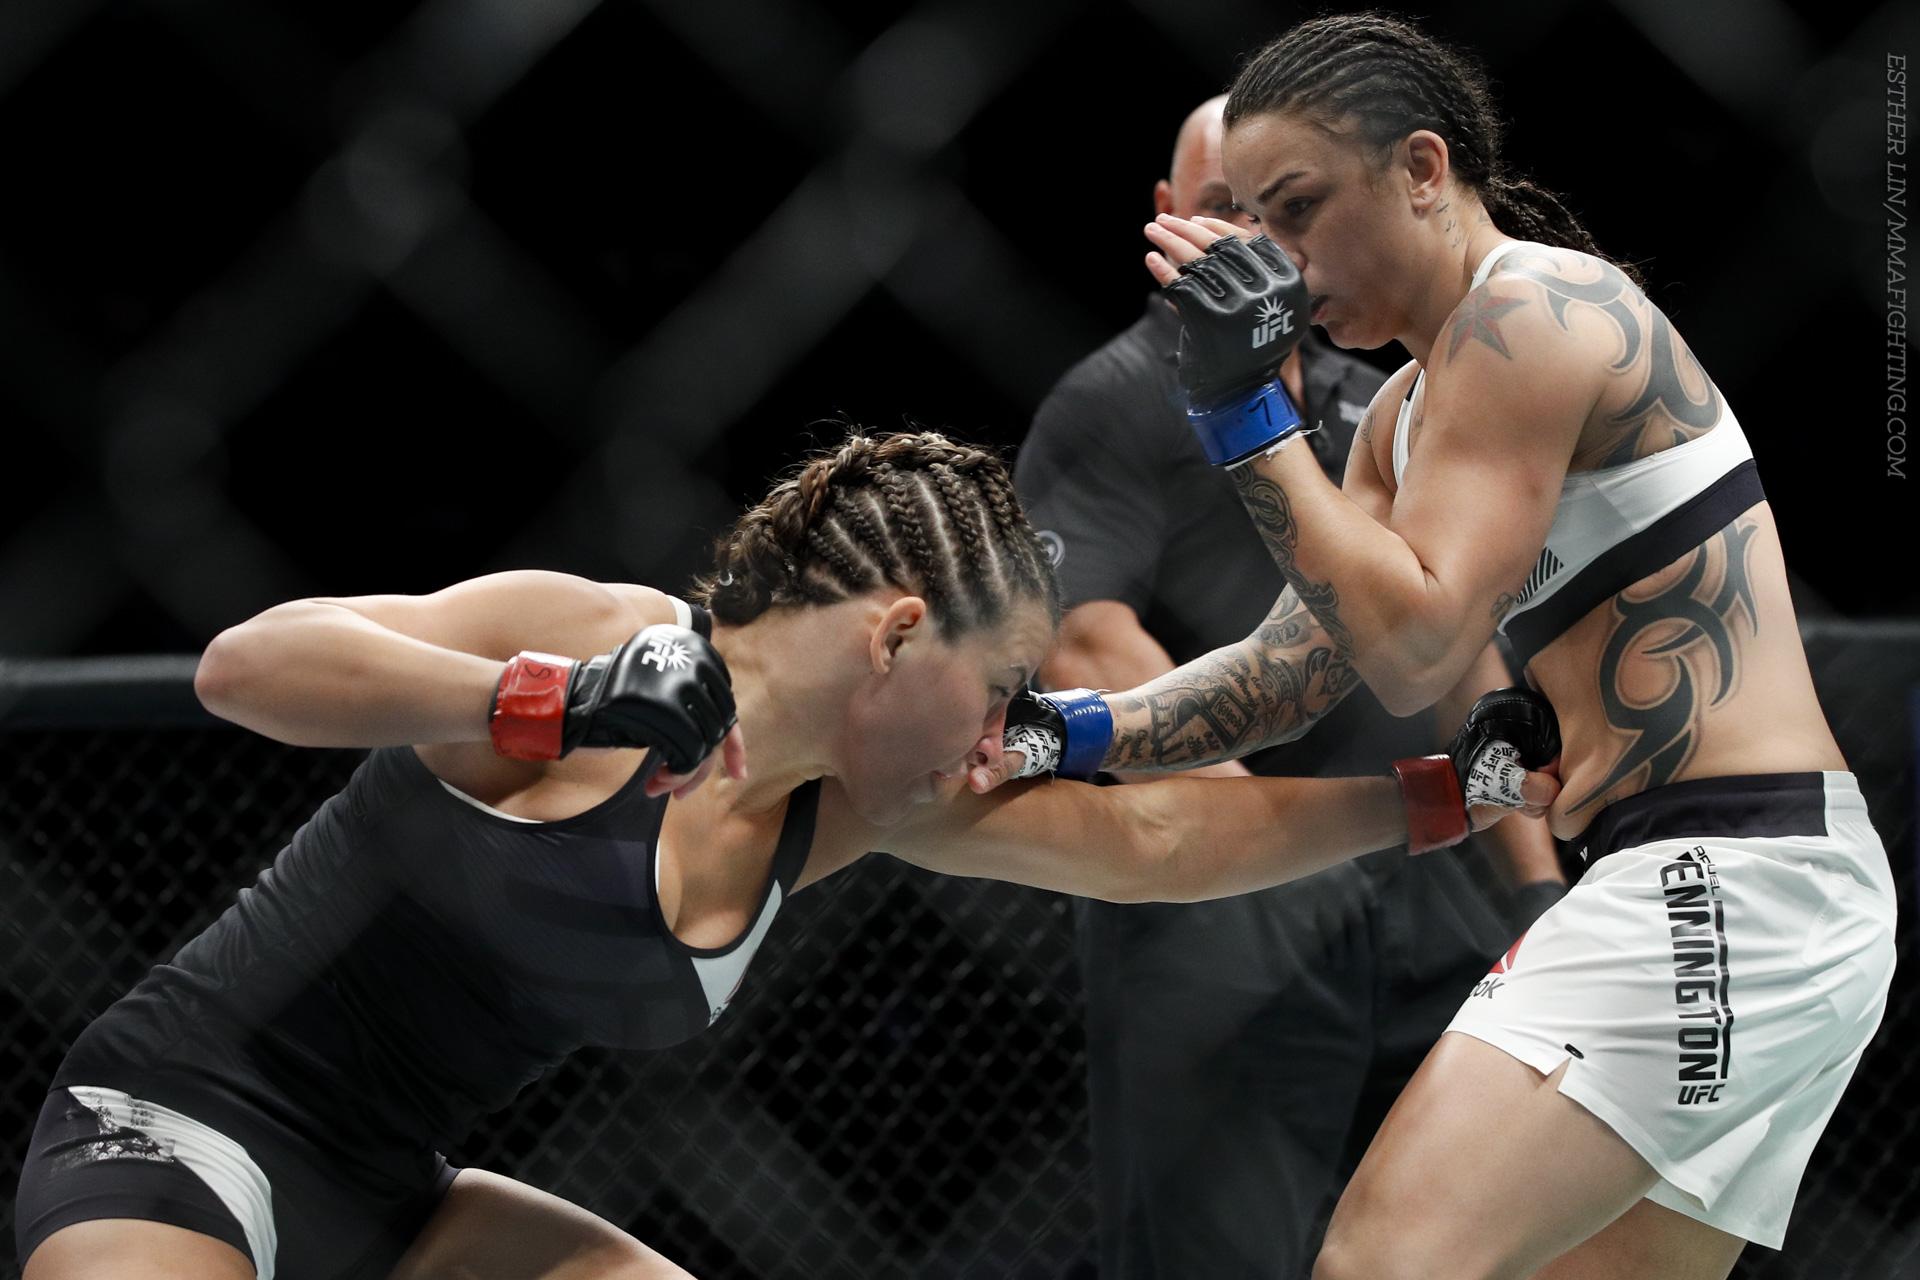 UFC 205 photos